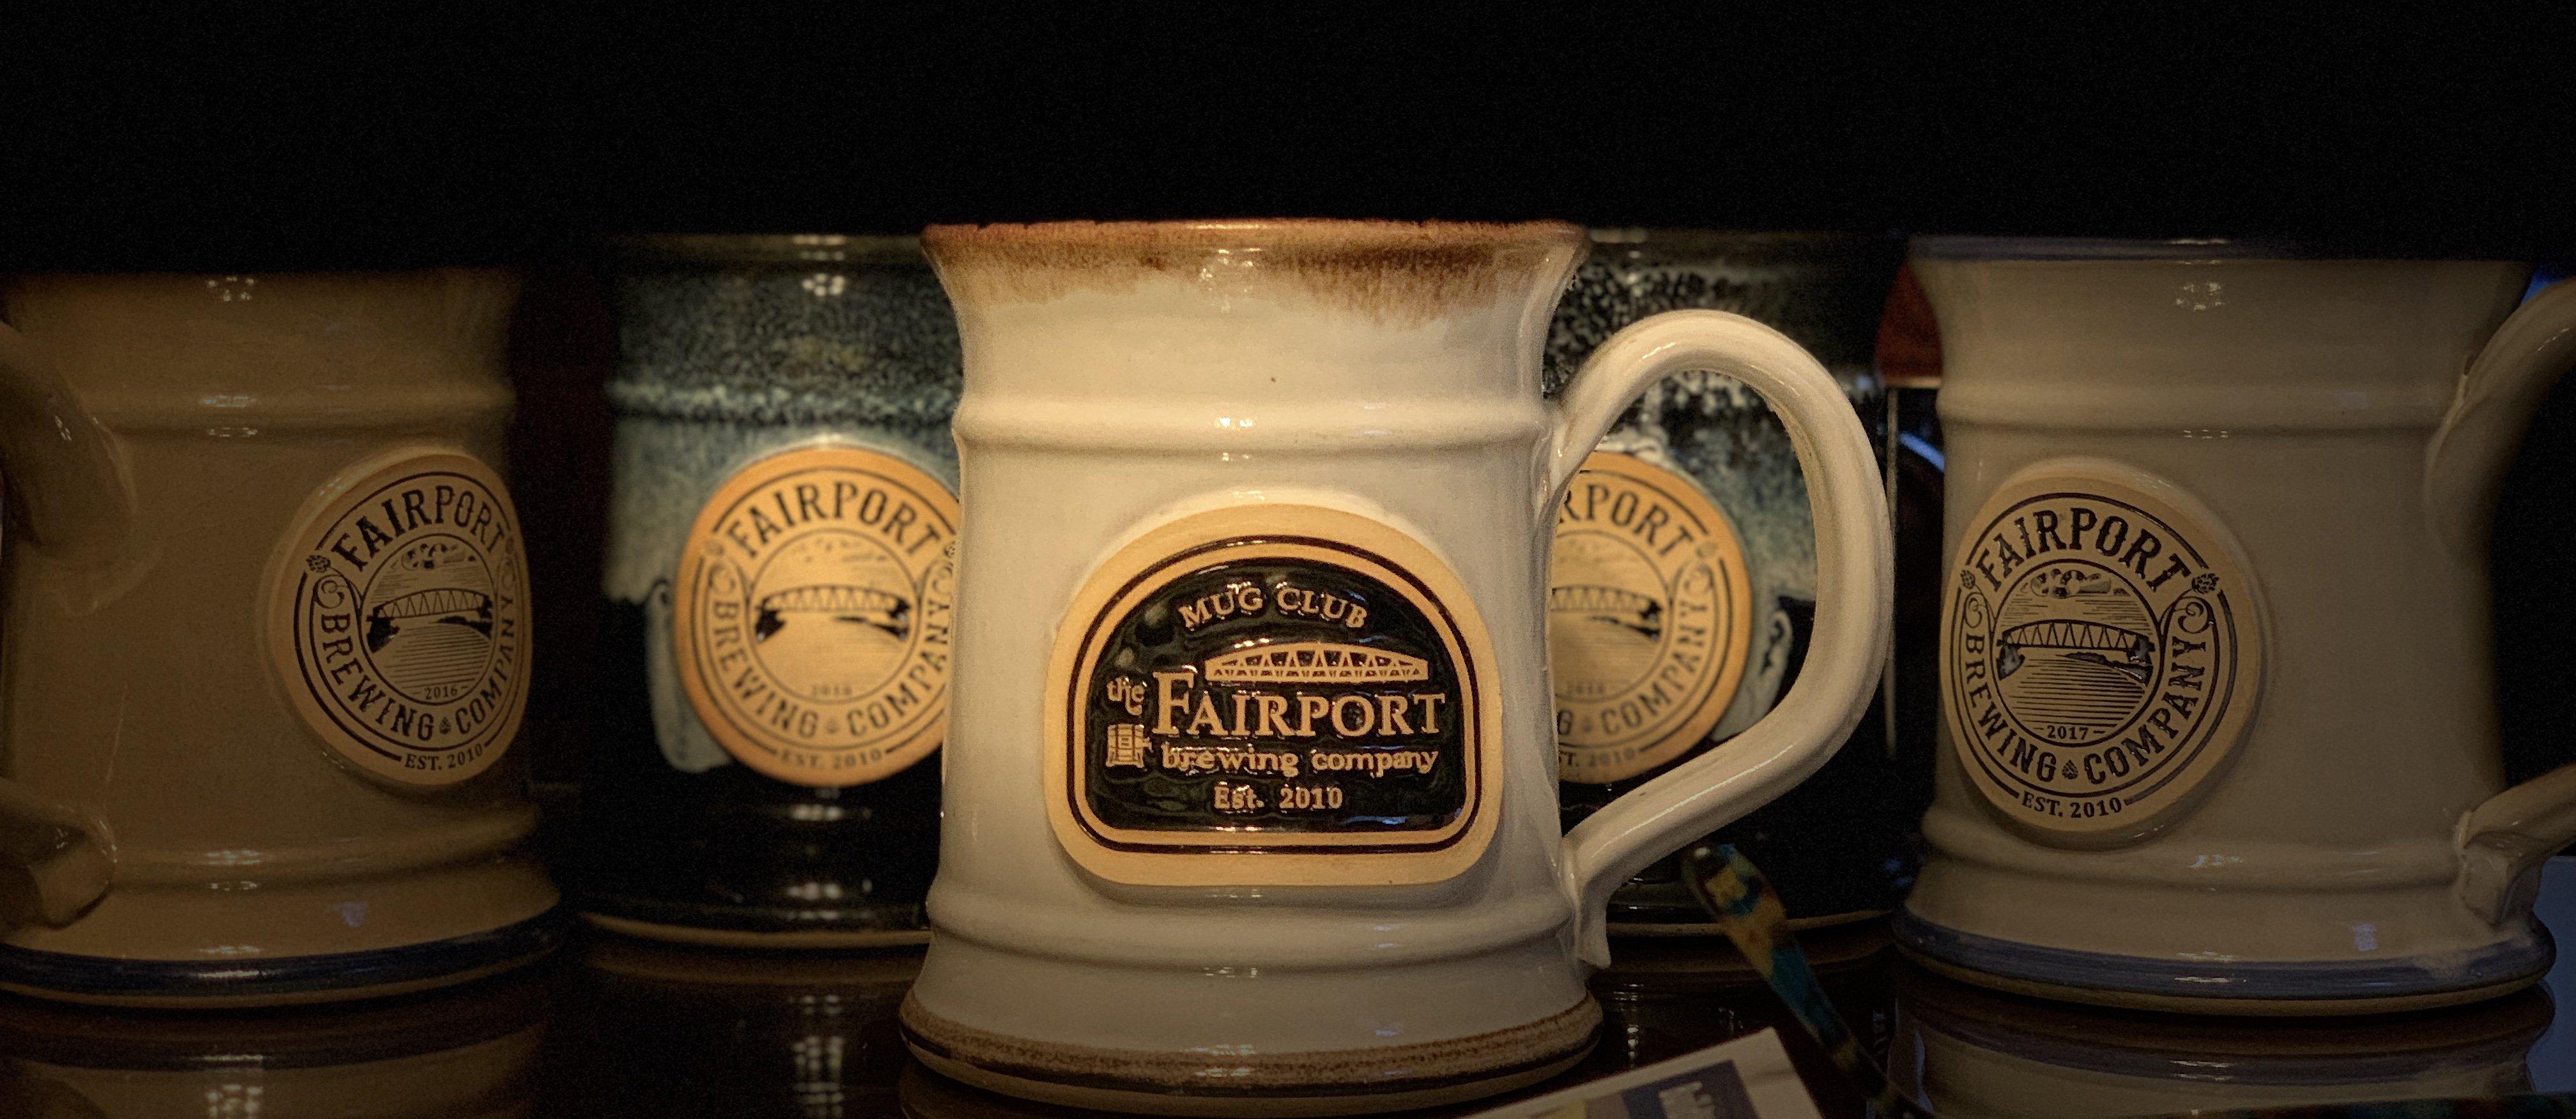 2020 Fairport Mug Club Membership